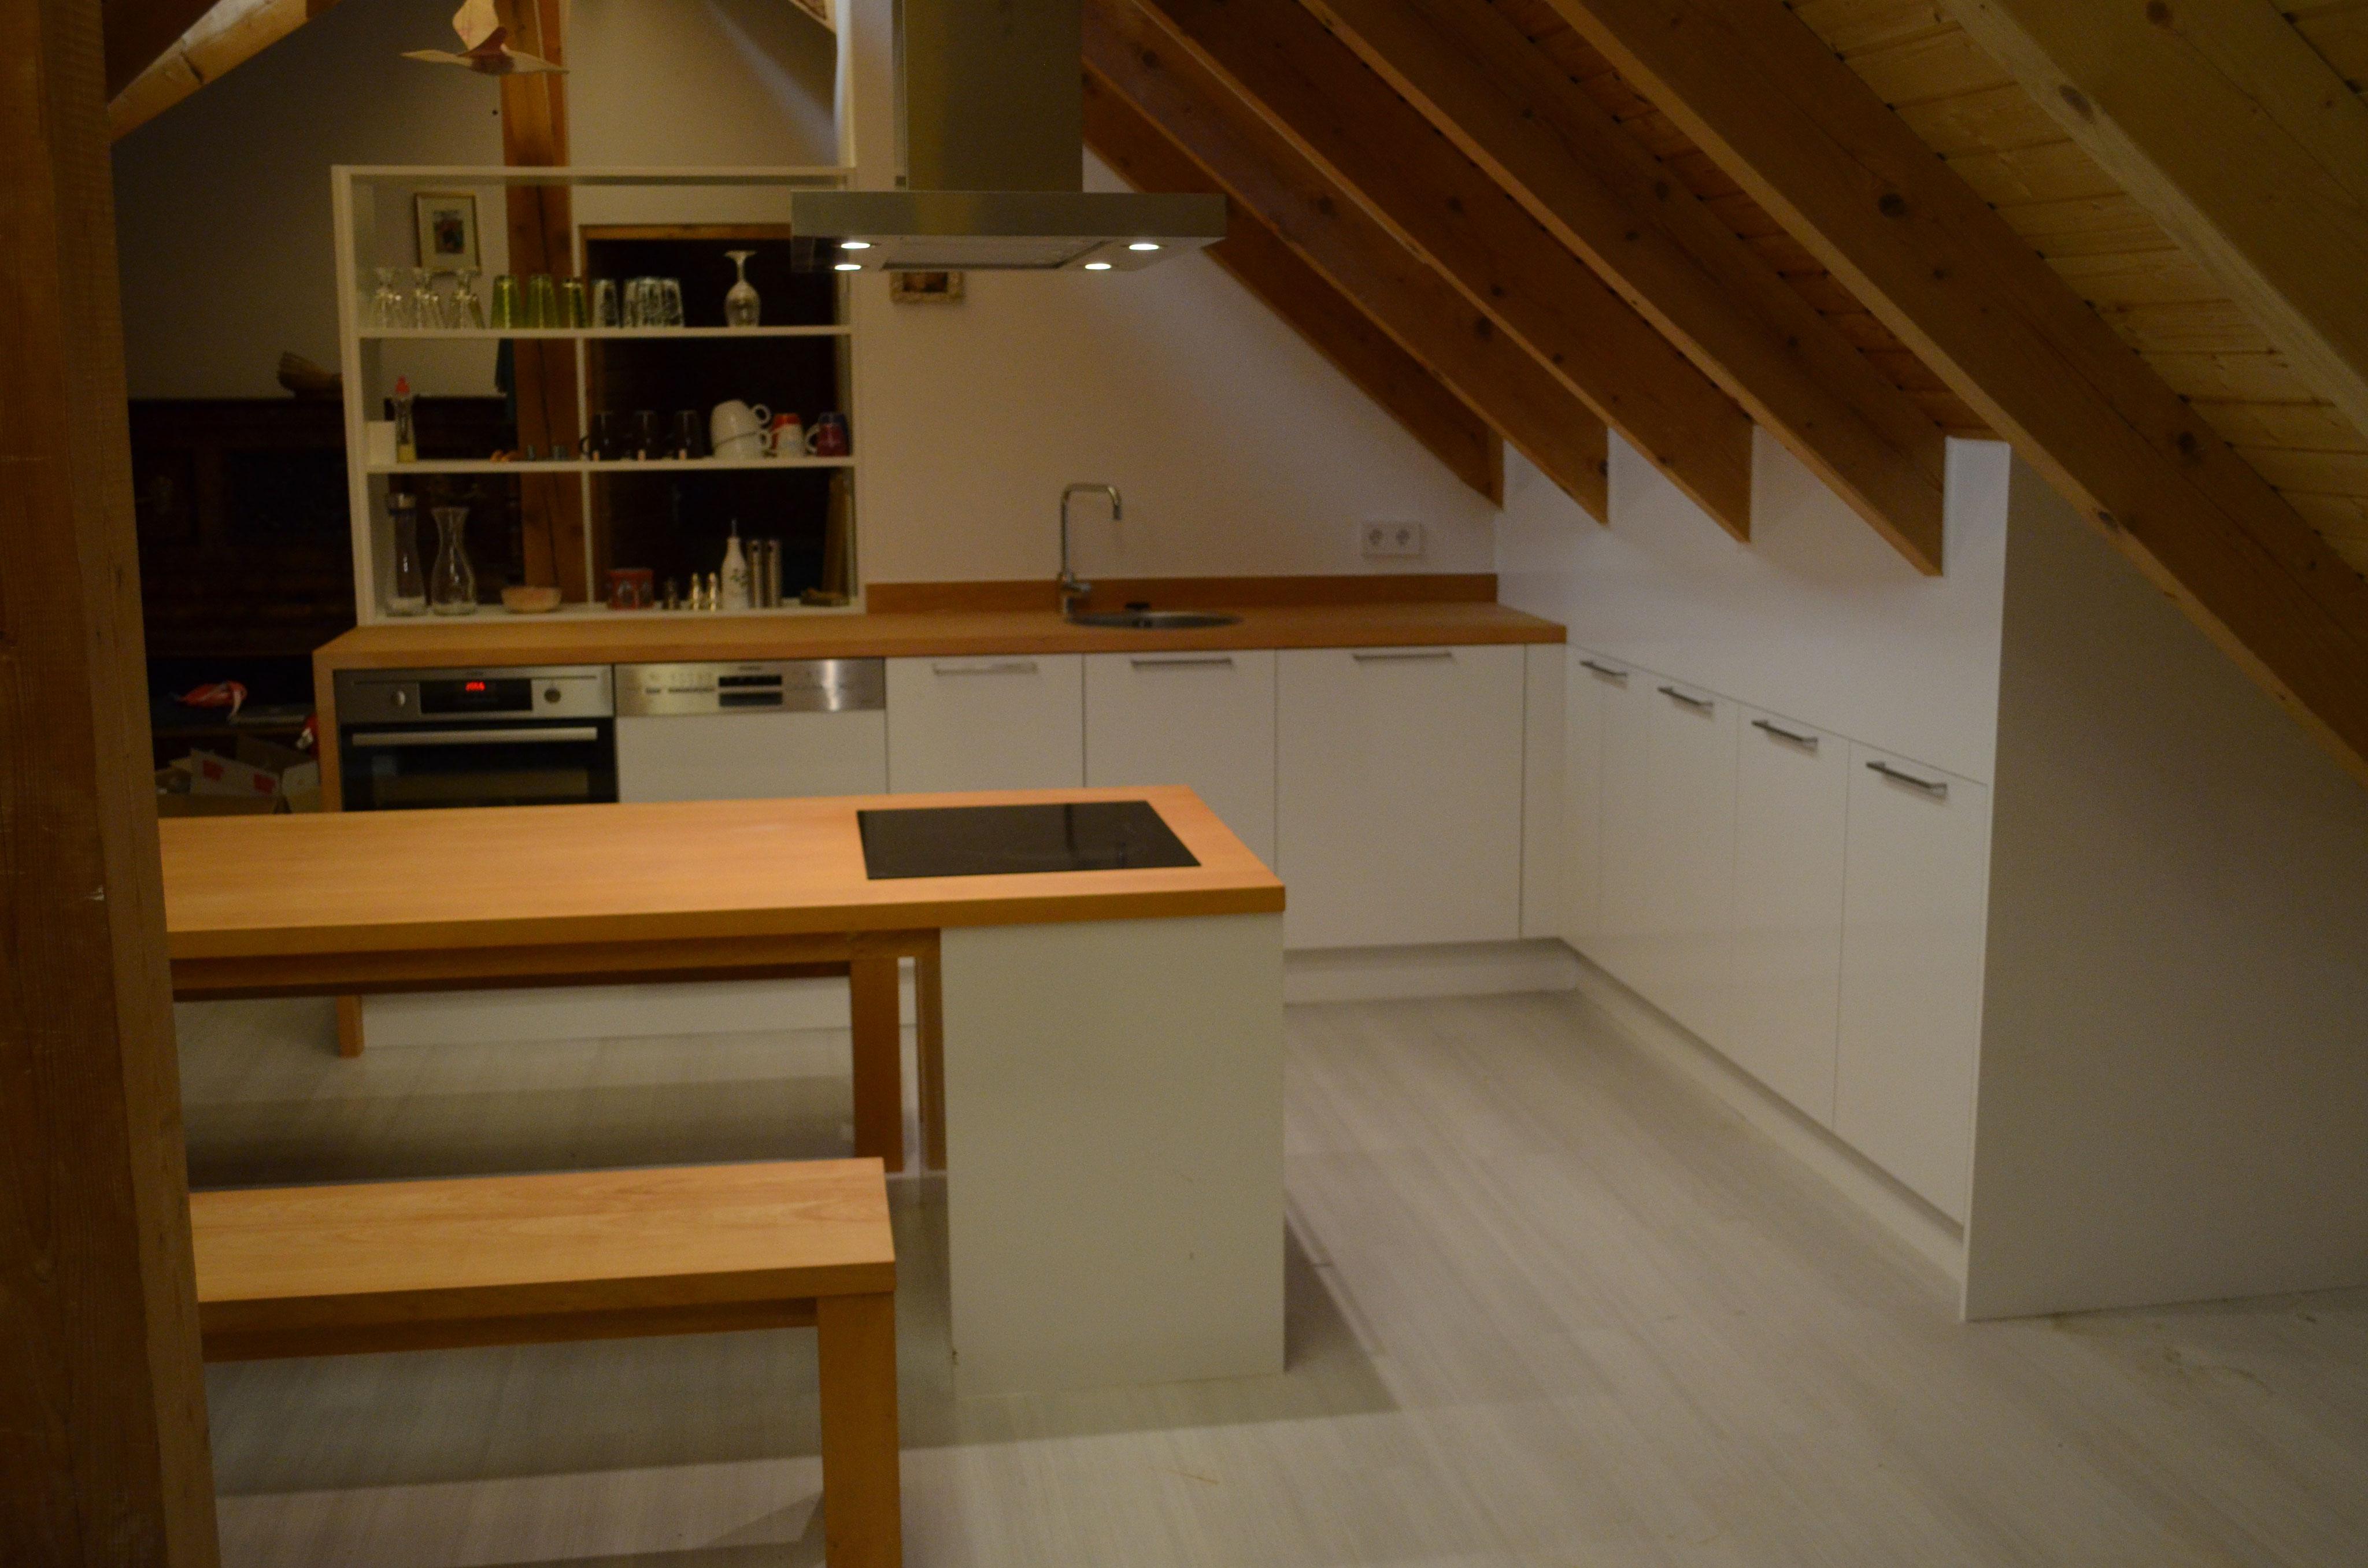 von k chenm bel zu einbauk che und moderne k chen holz manie m nchen 39 s schreiner wie sonst. Black Bedroom Furniture Sets. Home Design Ideas